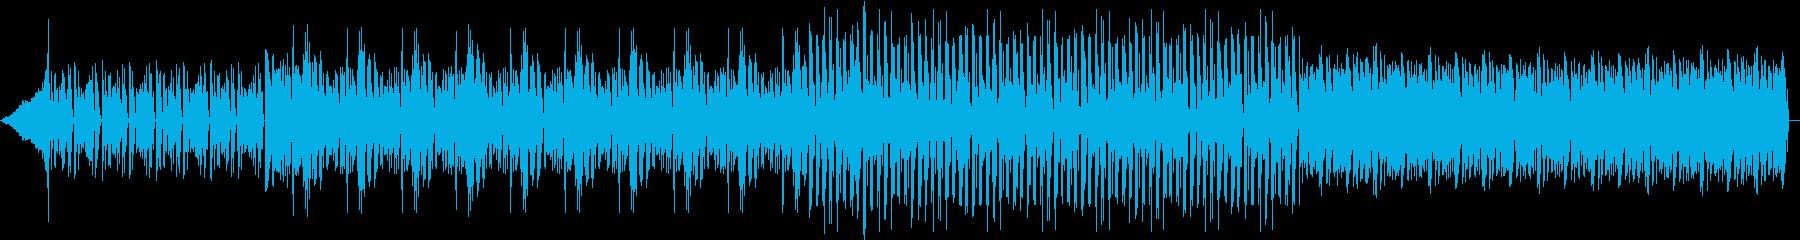 【明るくポップなハウスミュージック】の再生済みの波形